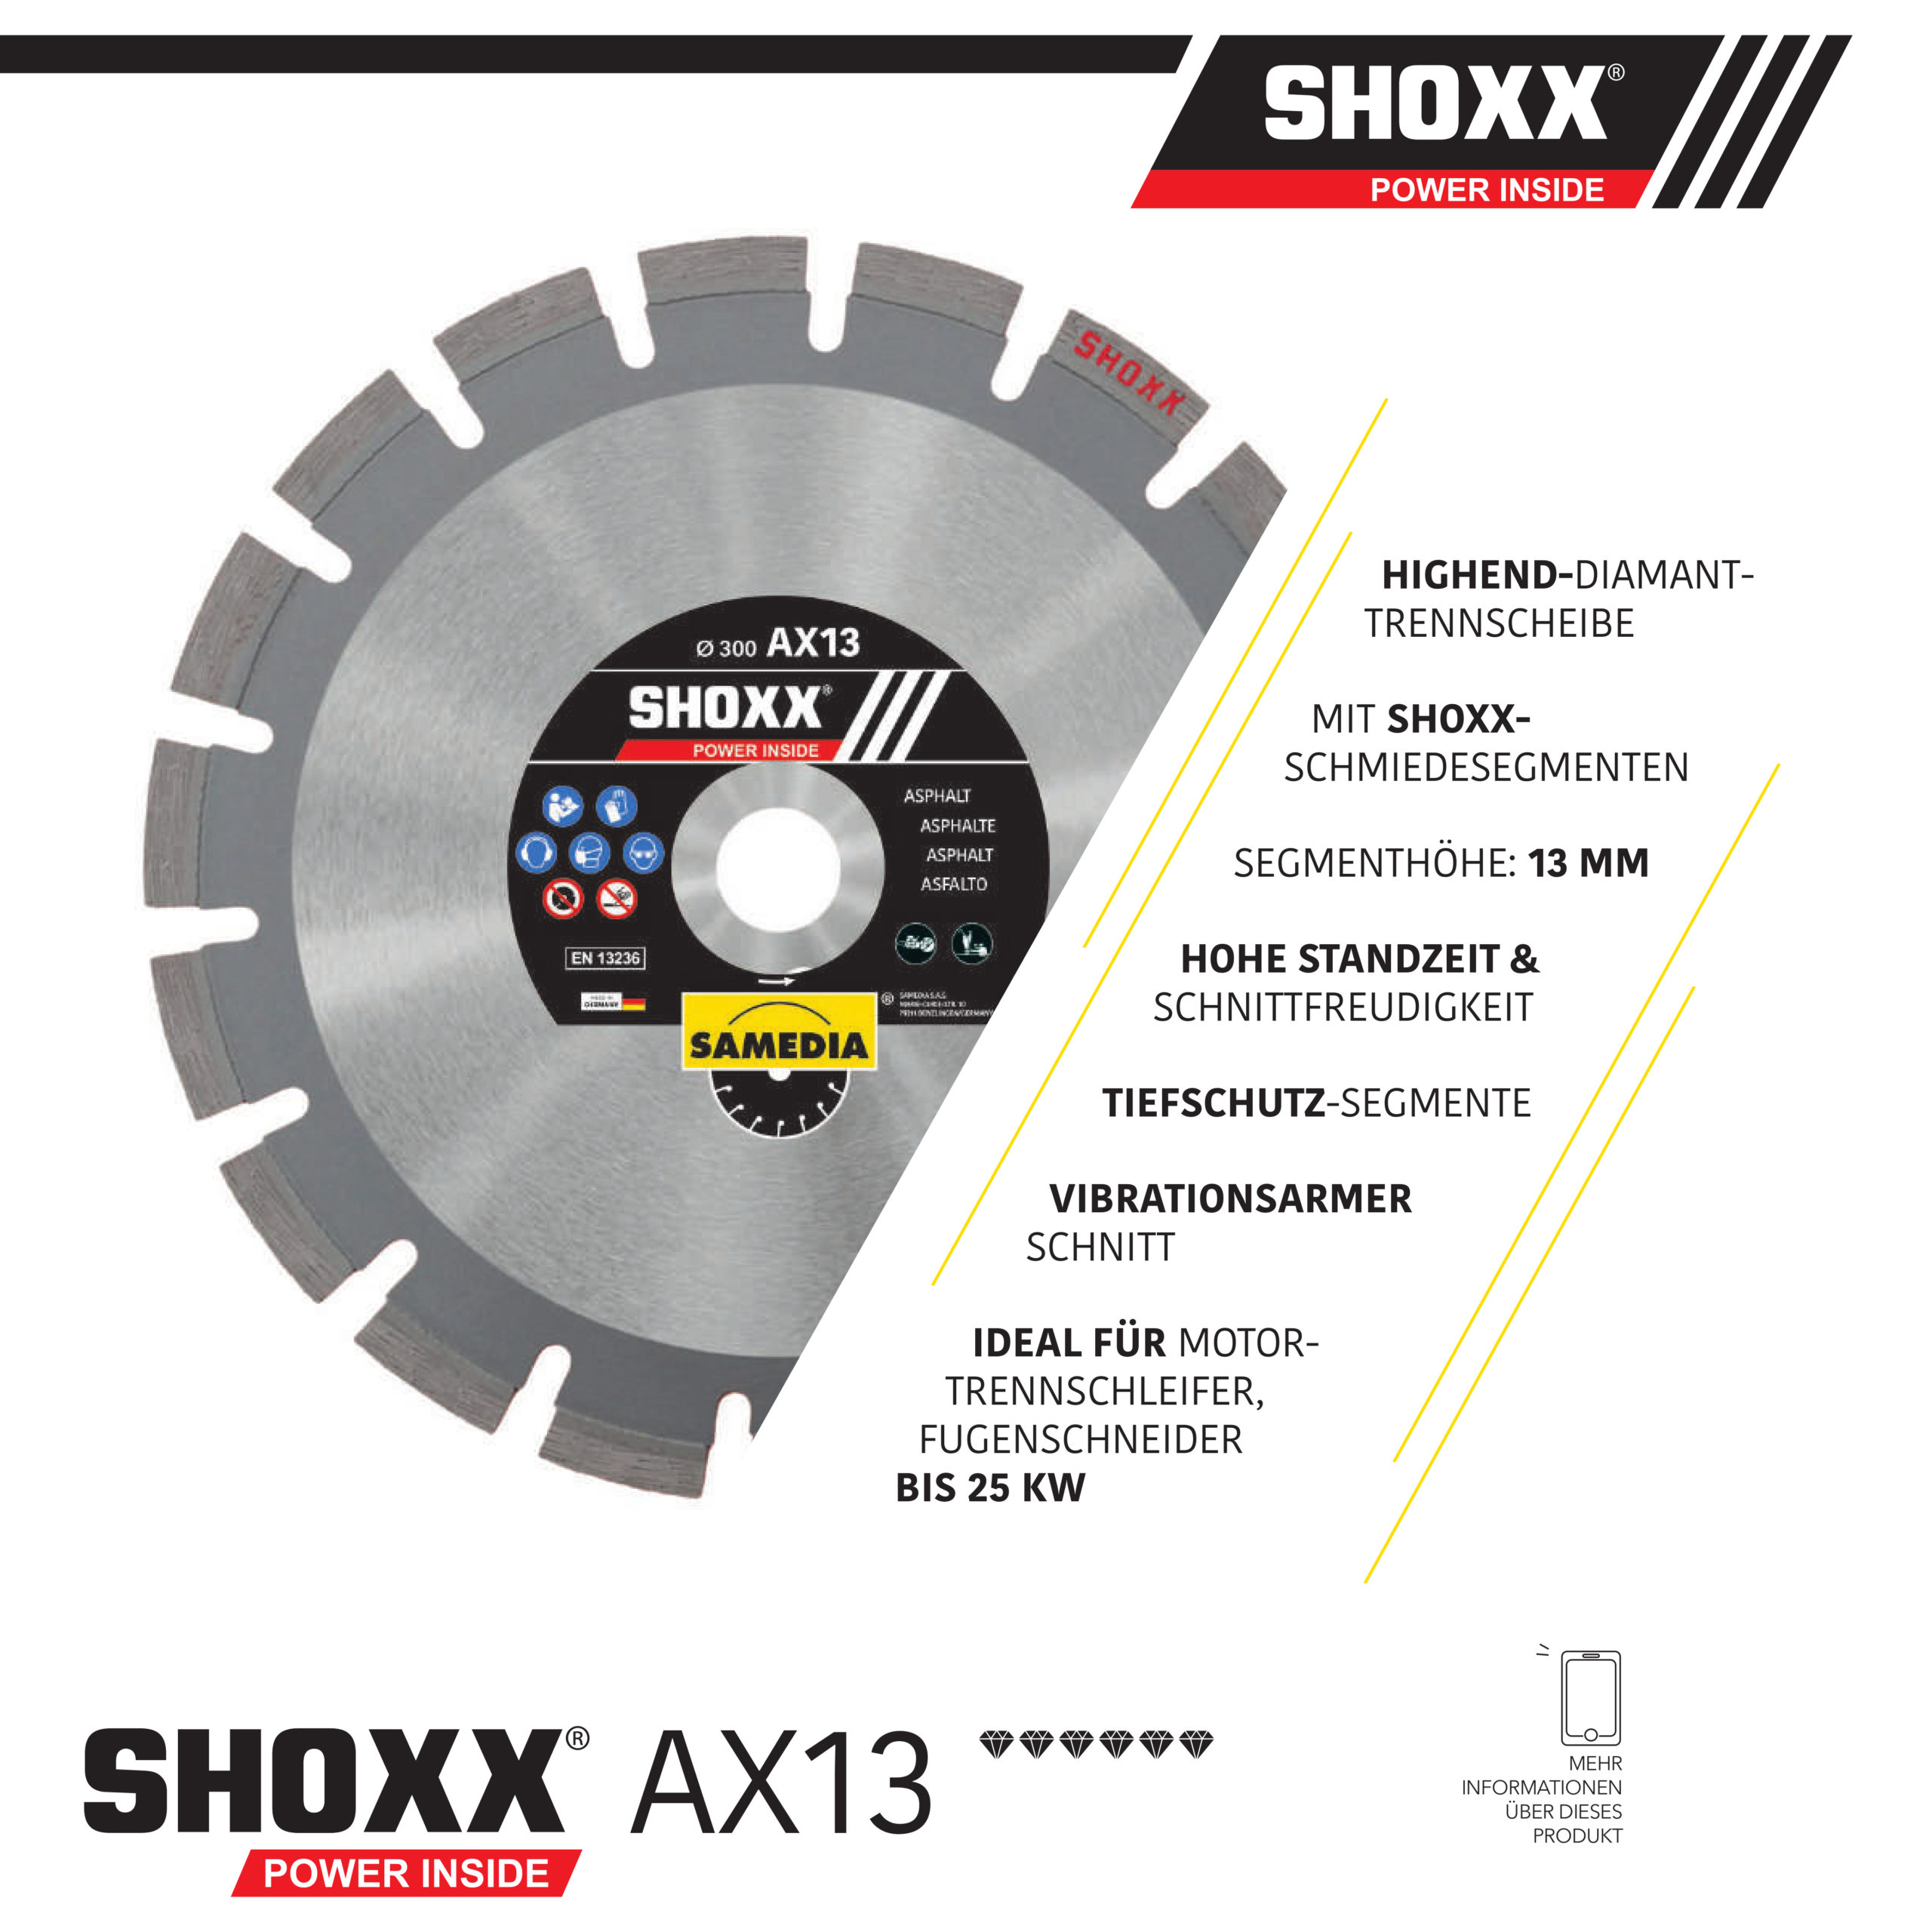 Samedia Diamanttrennscheibe SHOXX AX13 ideal für Fugenschneider bis 25KW und Motortrennschleifer für Nass- und Trockenschnitt!